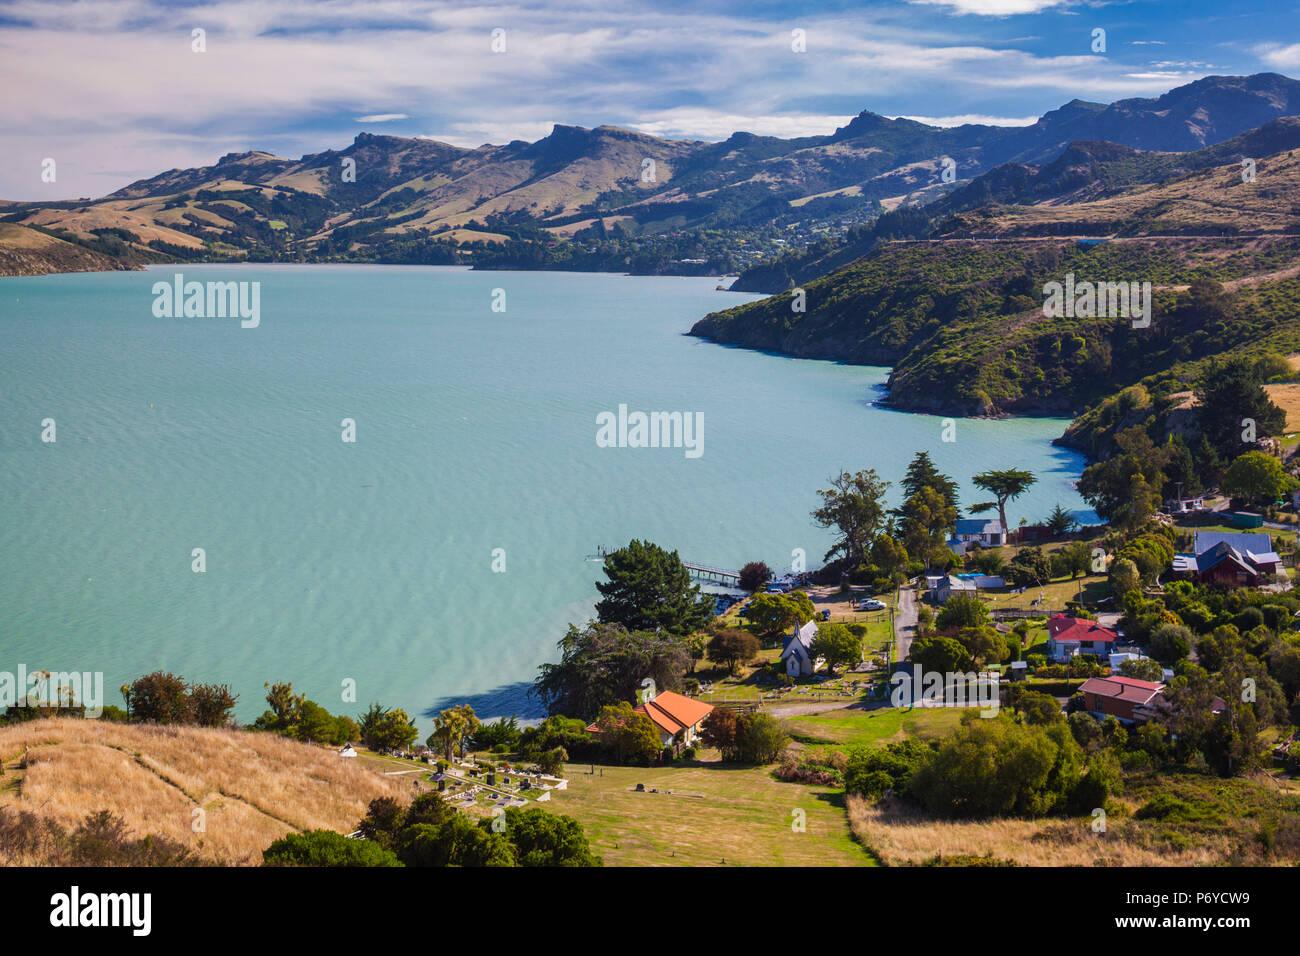 Neuseeland Christchurch: Neuseeland Christchurch Stockfotos & Neuseeland